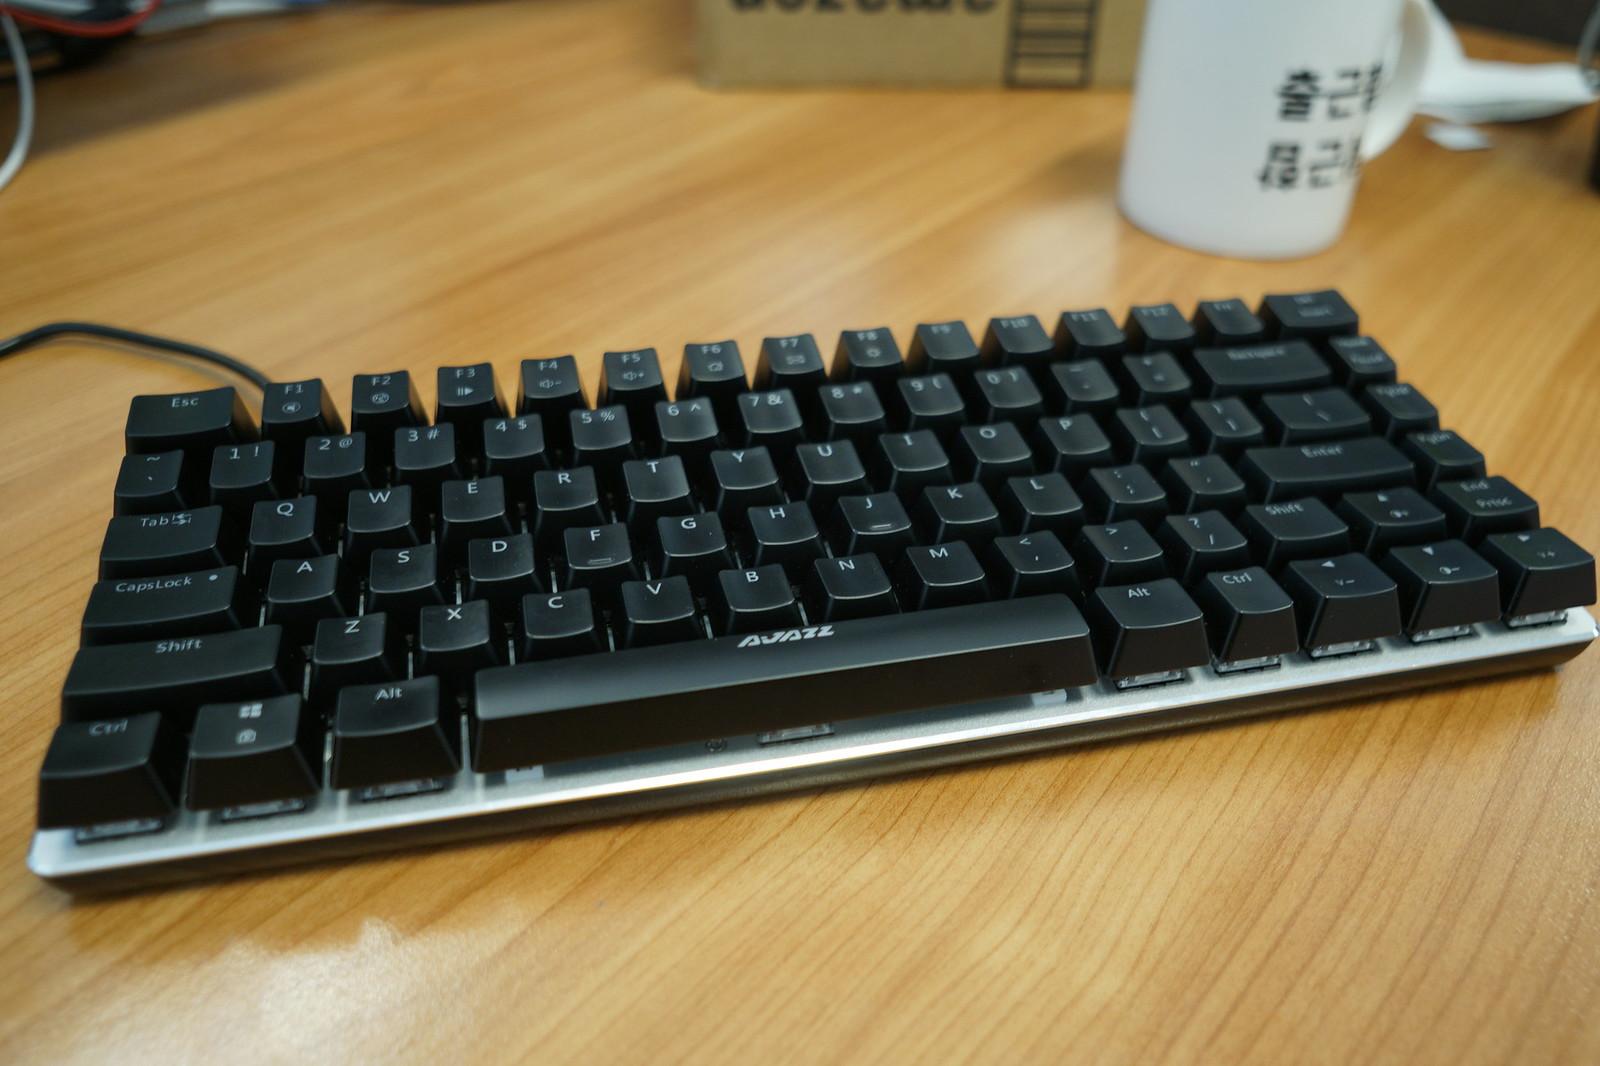 Ajazz Geek AK33